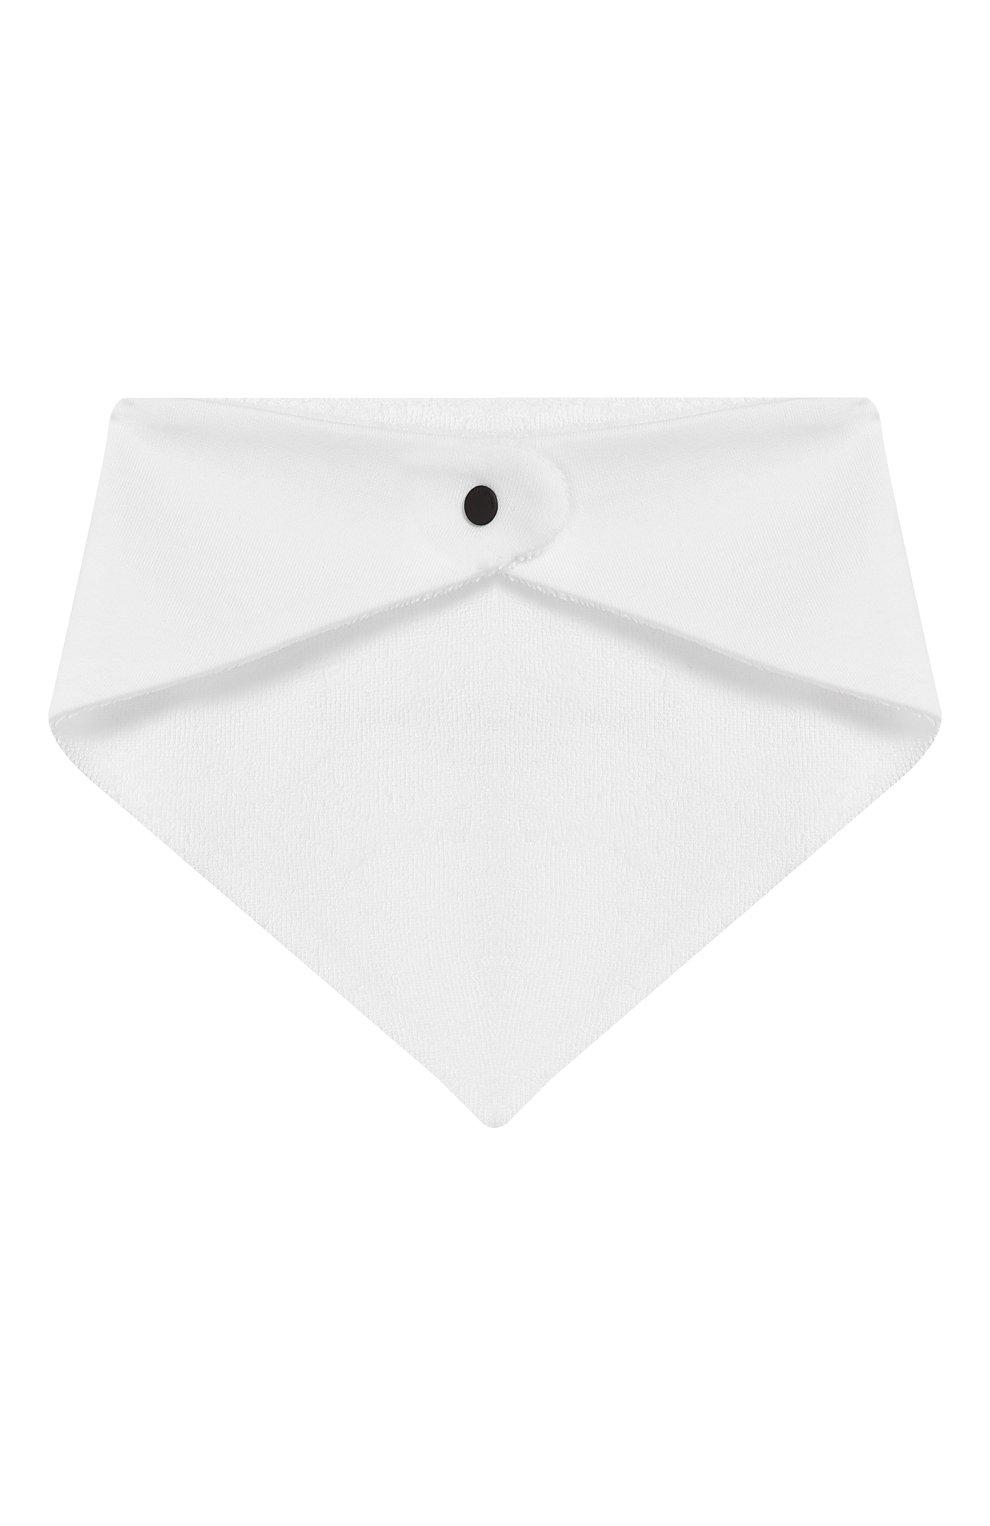 Комплект из 3-х предметов Givenchy черно-белого цвета | Фото №8